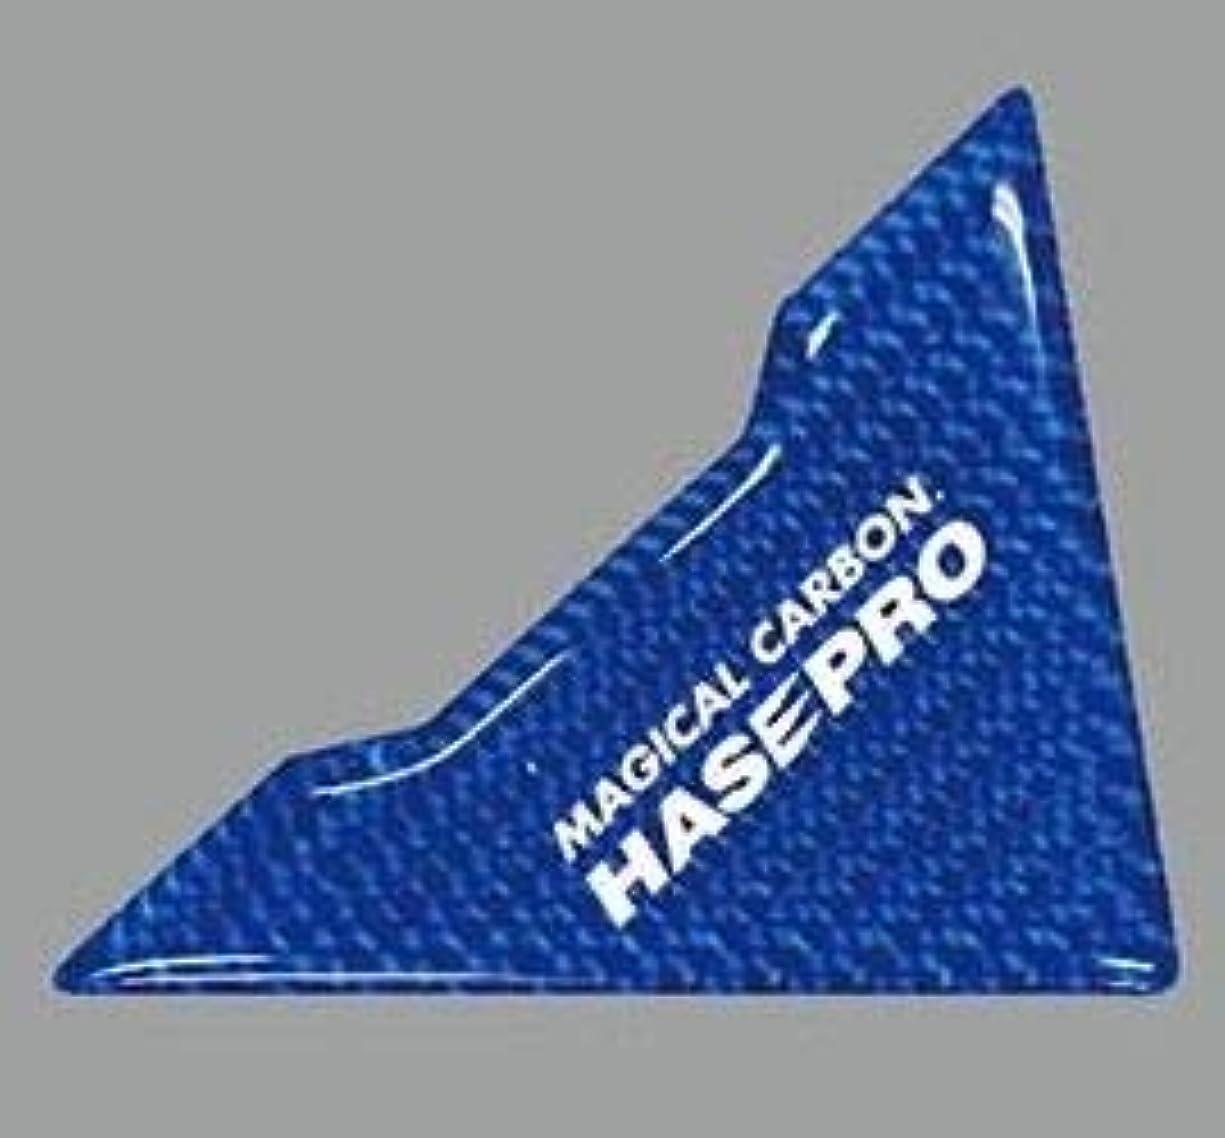 シュートまたね前売HASEPRO (ハセ?プロ) マジカルカーボン【ドアエッジガード】ブルー DEG-1B